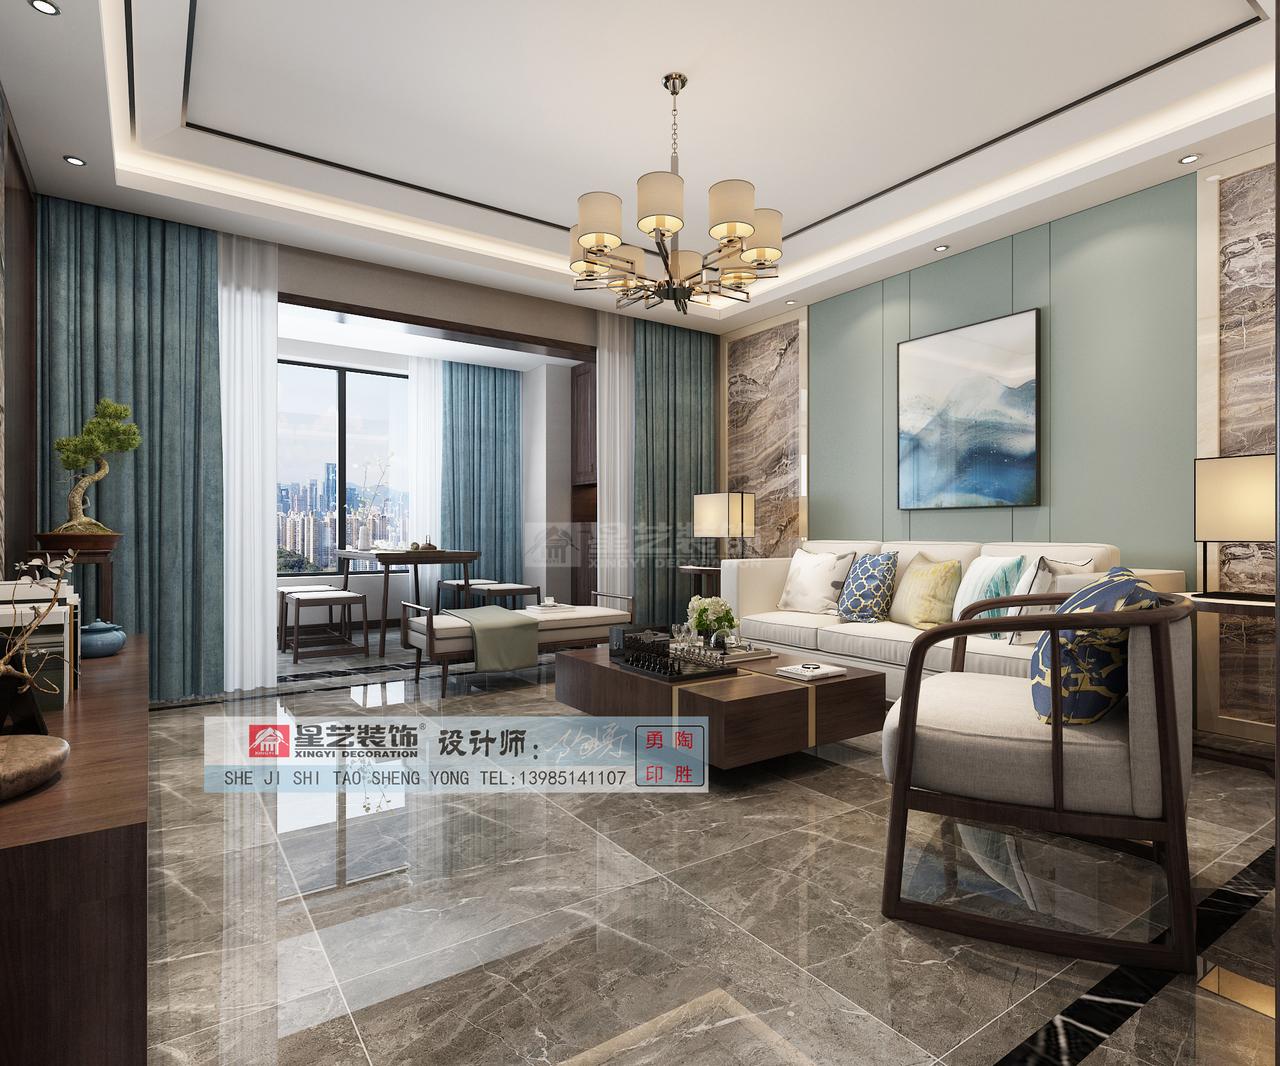 中天铭庭C现代,韩式,单身公寓,142.0㎡